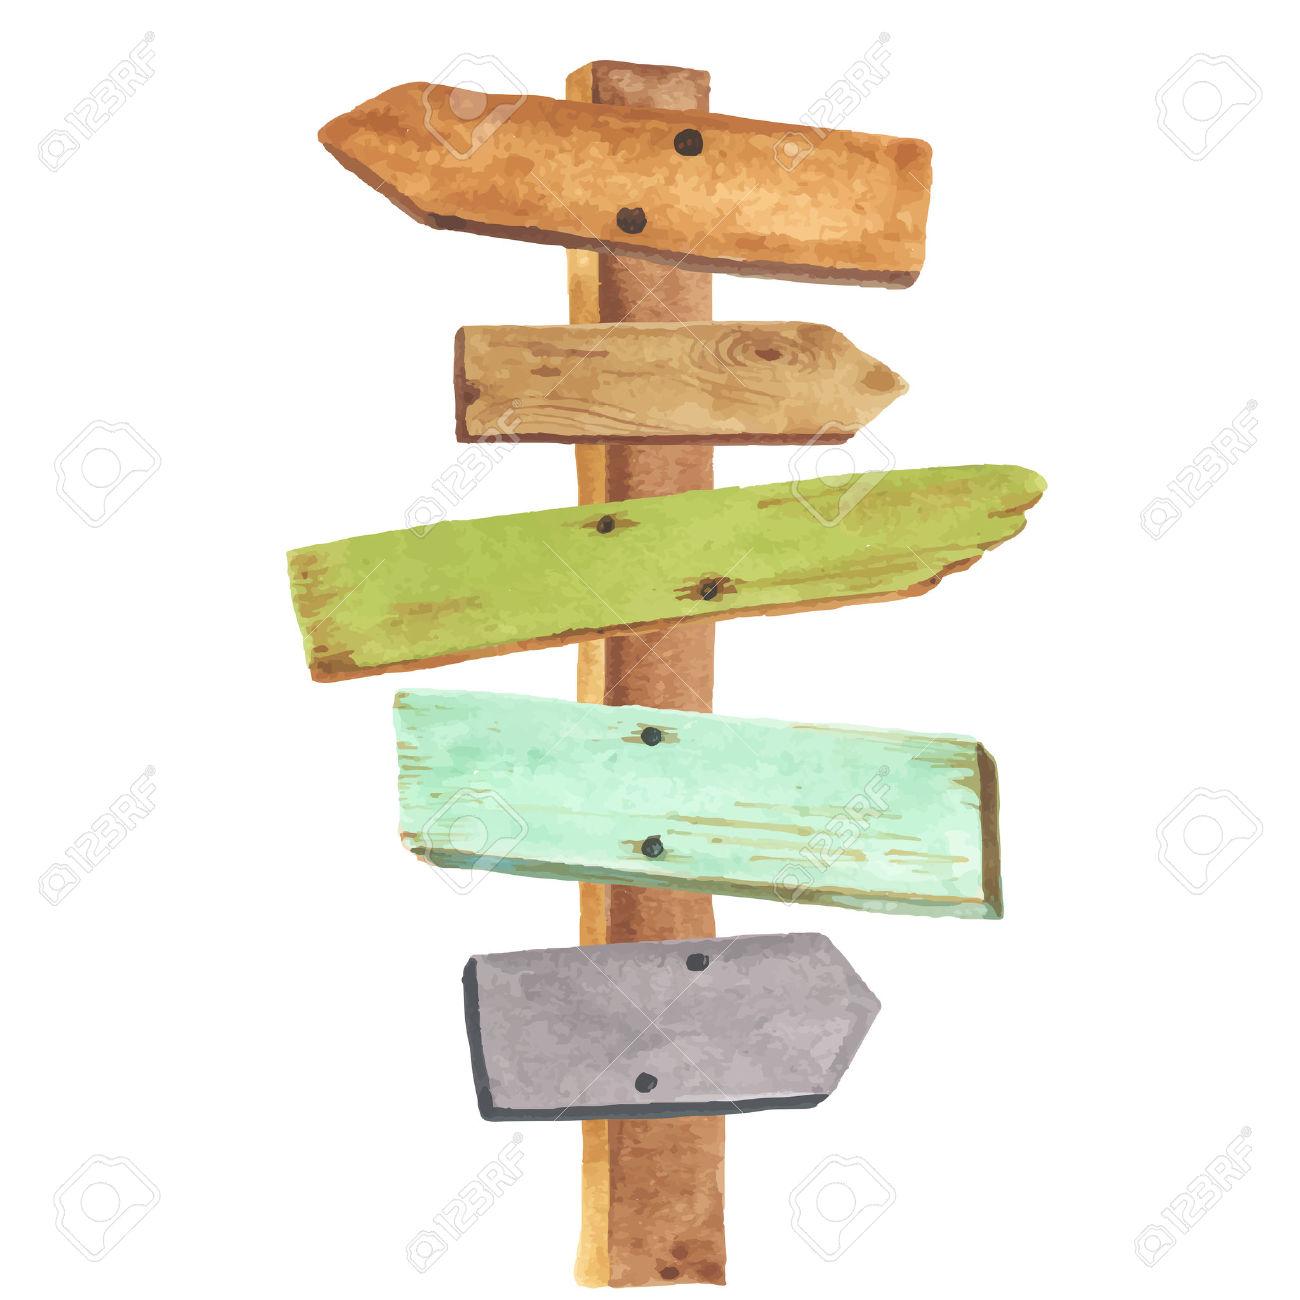 Wegweiser Holz: Aquarell Wegweiser Aus Holz. Wegbeschreibung Zu Verschiedenen Orten. Illustration - Wegweiser Holz, Transparent background PNG HD thumbnail